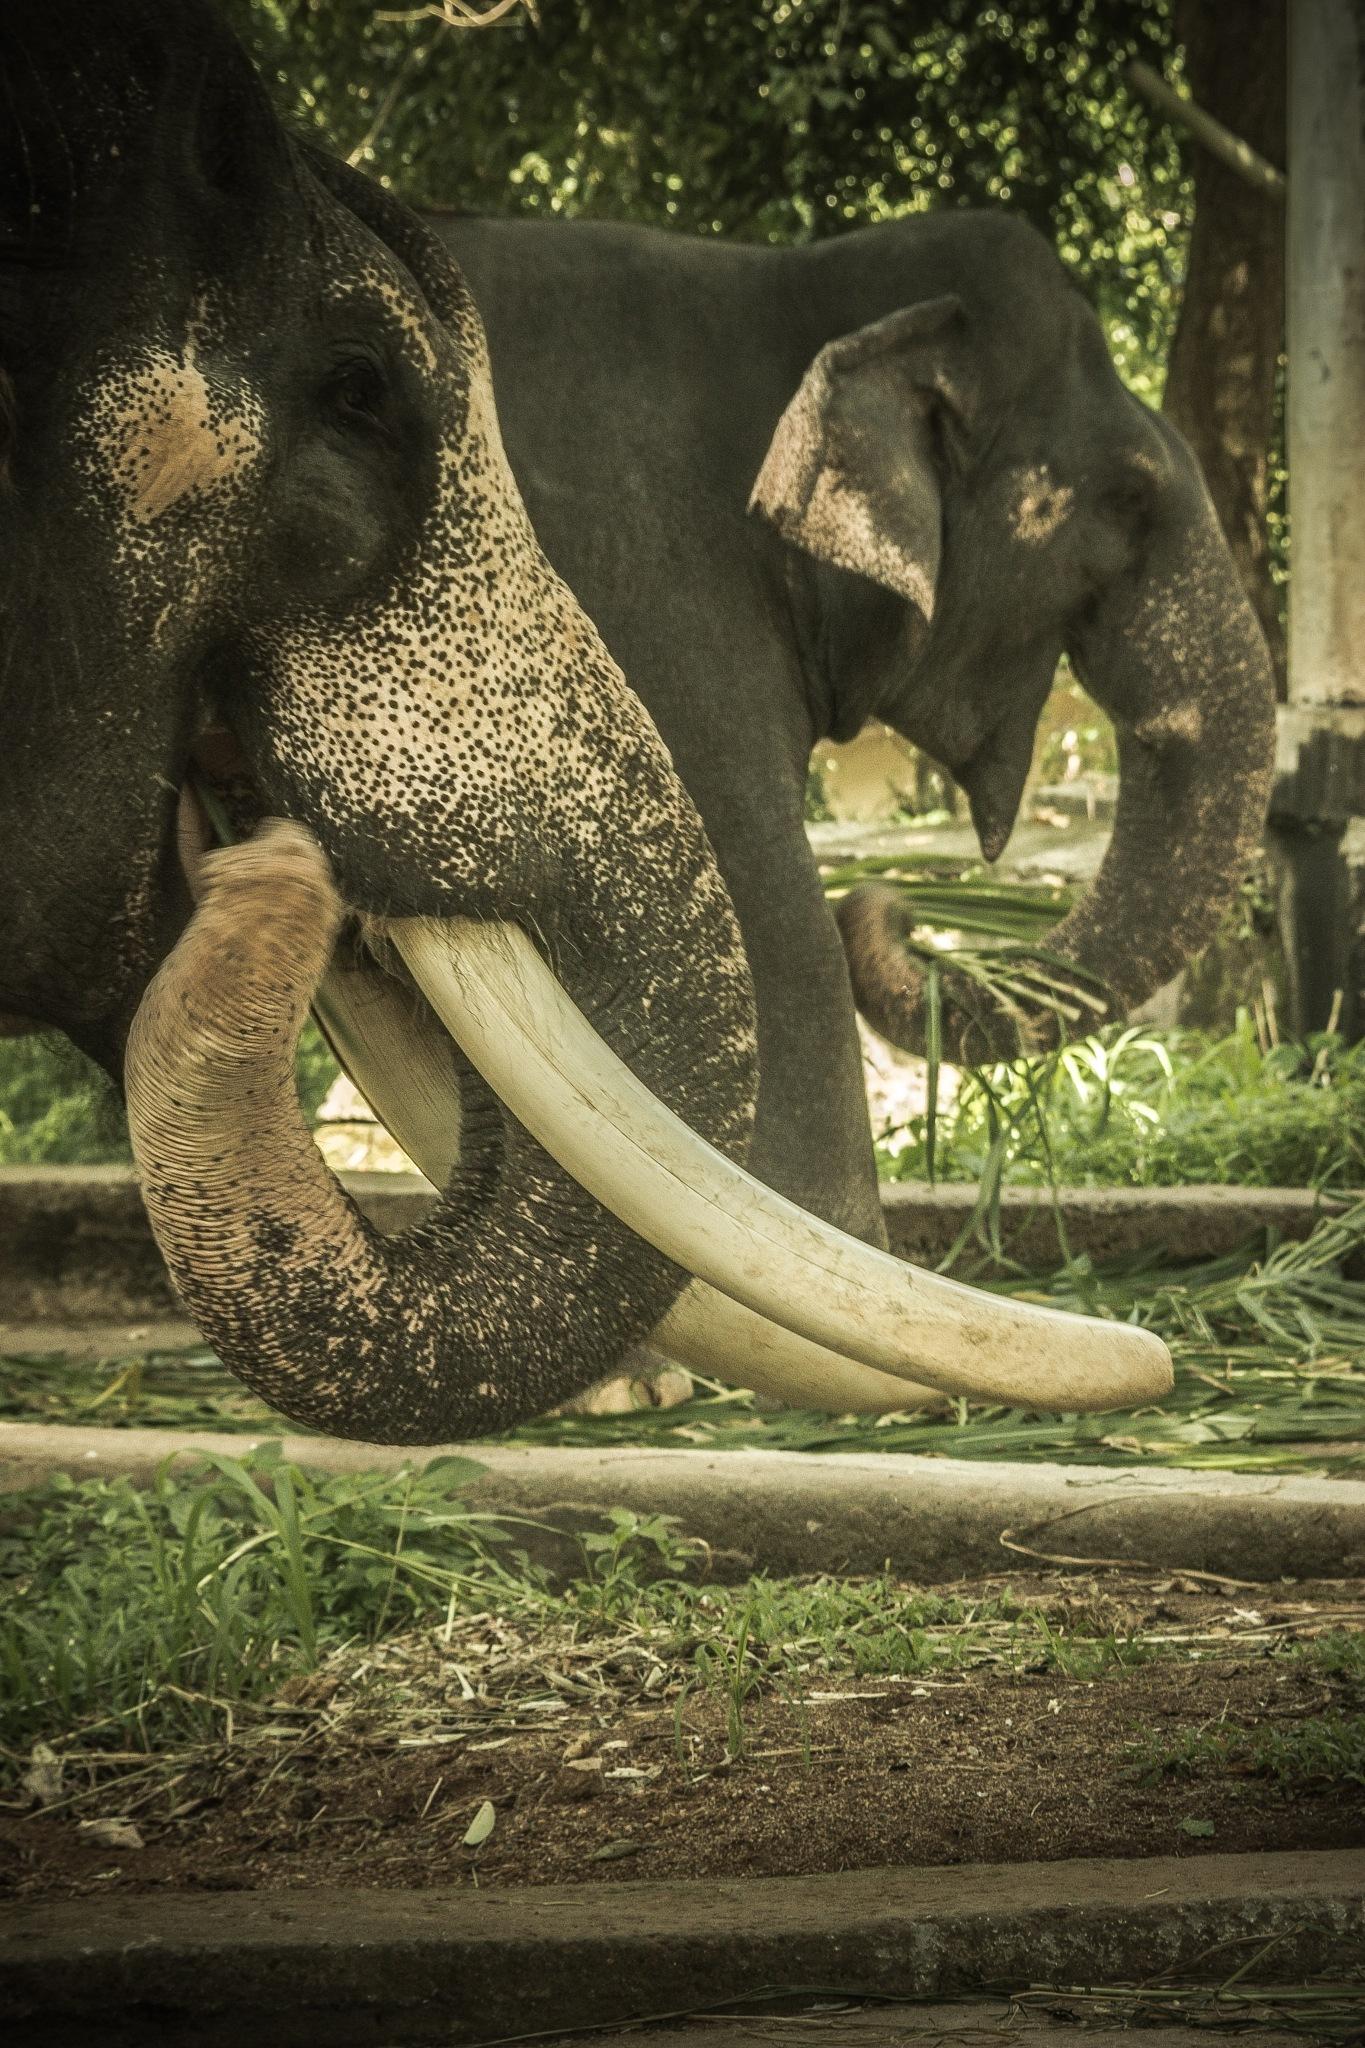 Tusk  by Jithin G